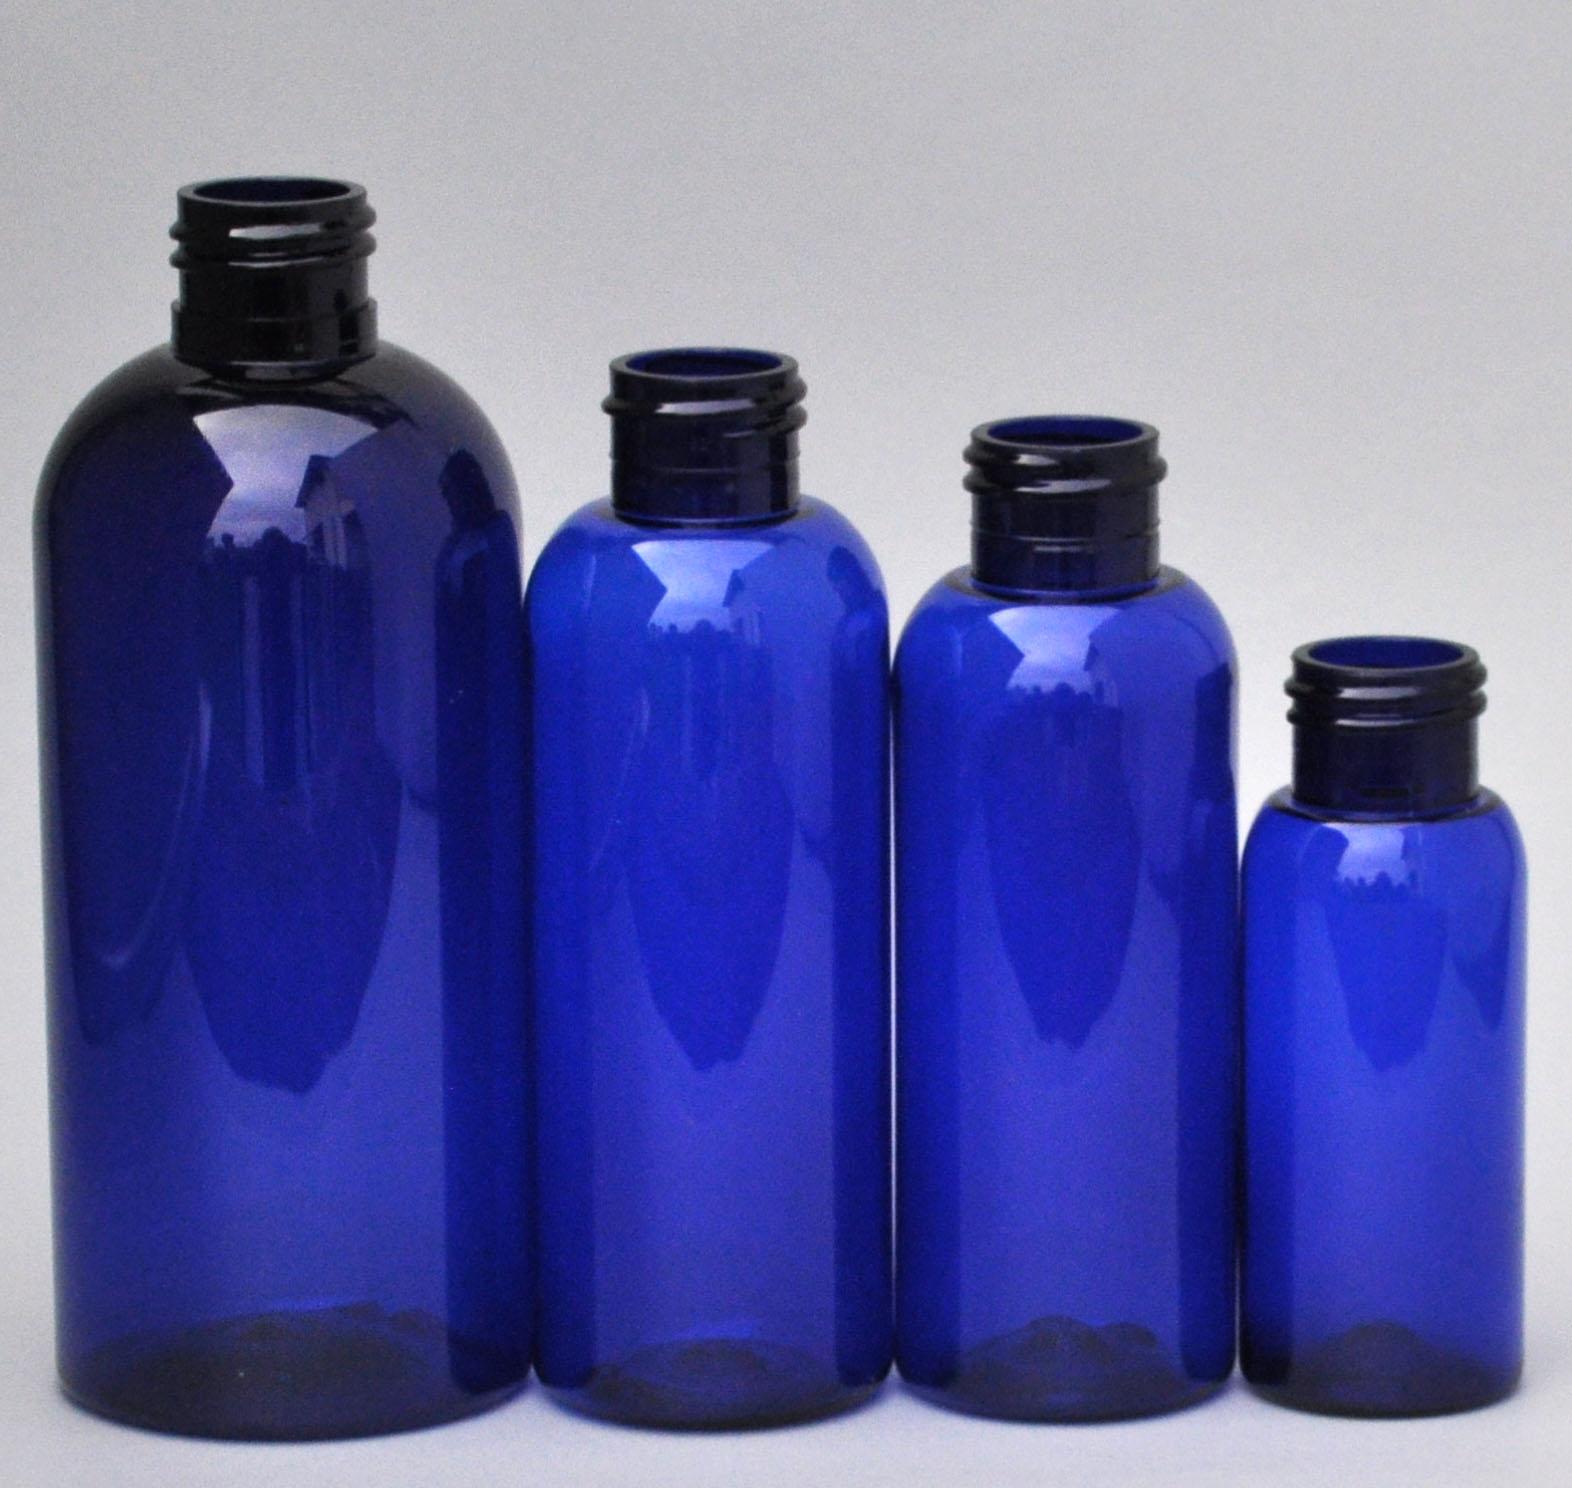 SNEP-100BPETCB-100ml Cobalt Blue PET Boston Bottle with 24/410 Neck